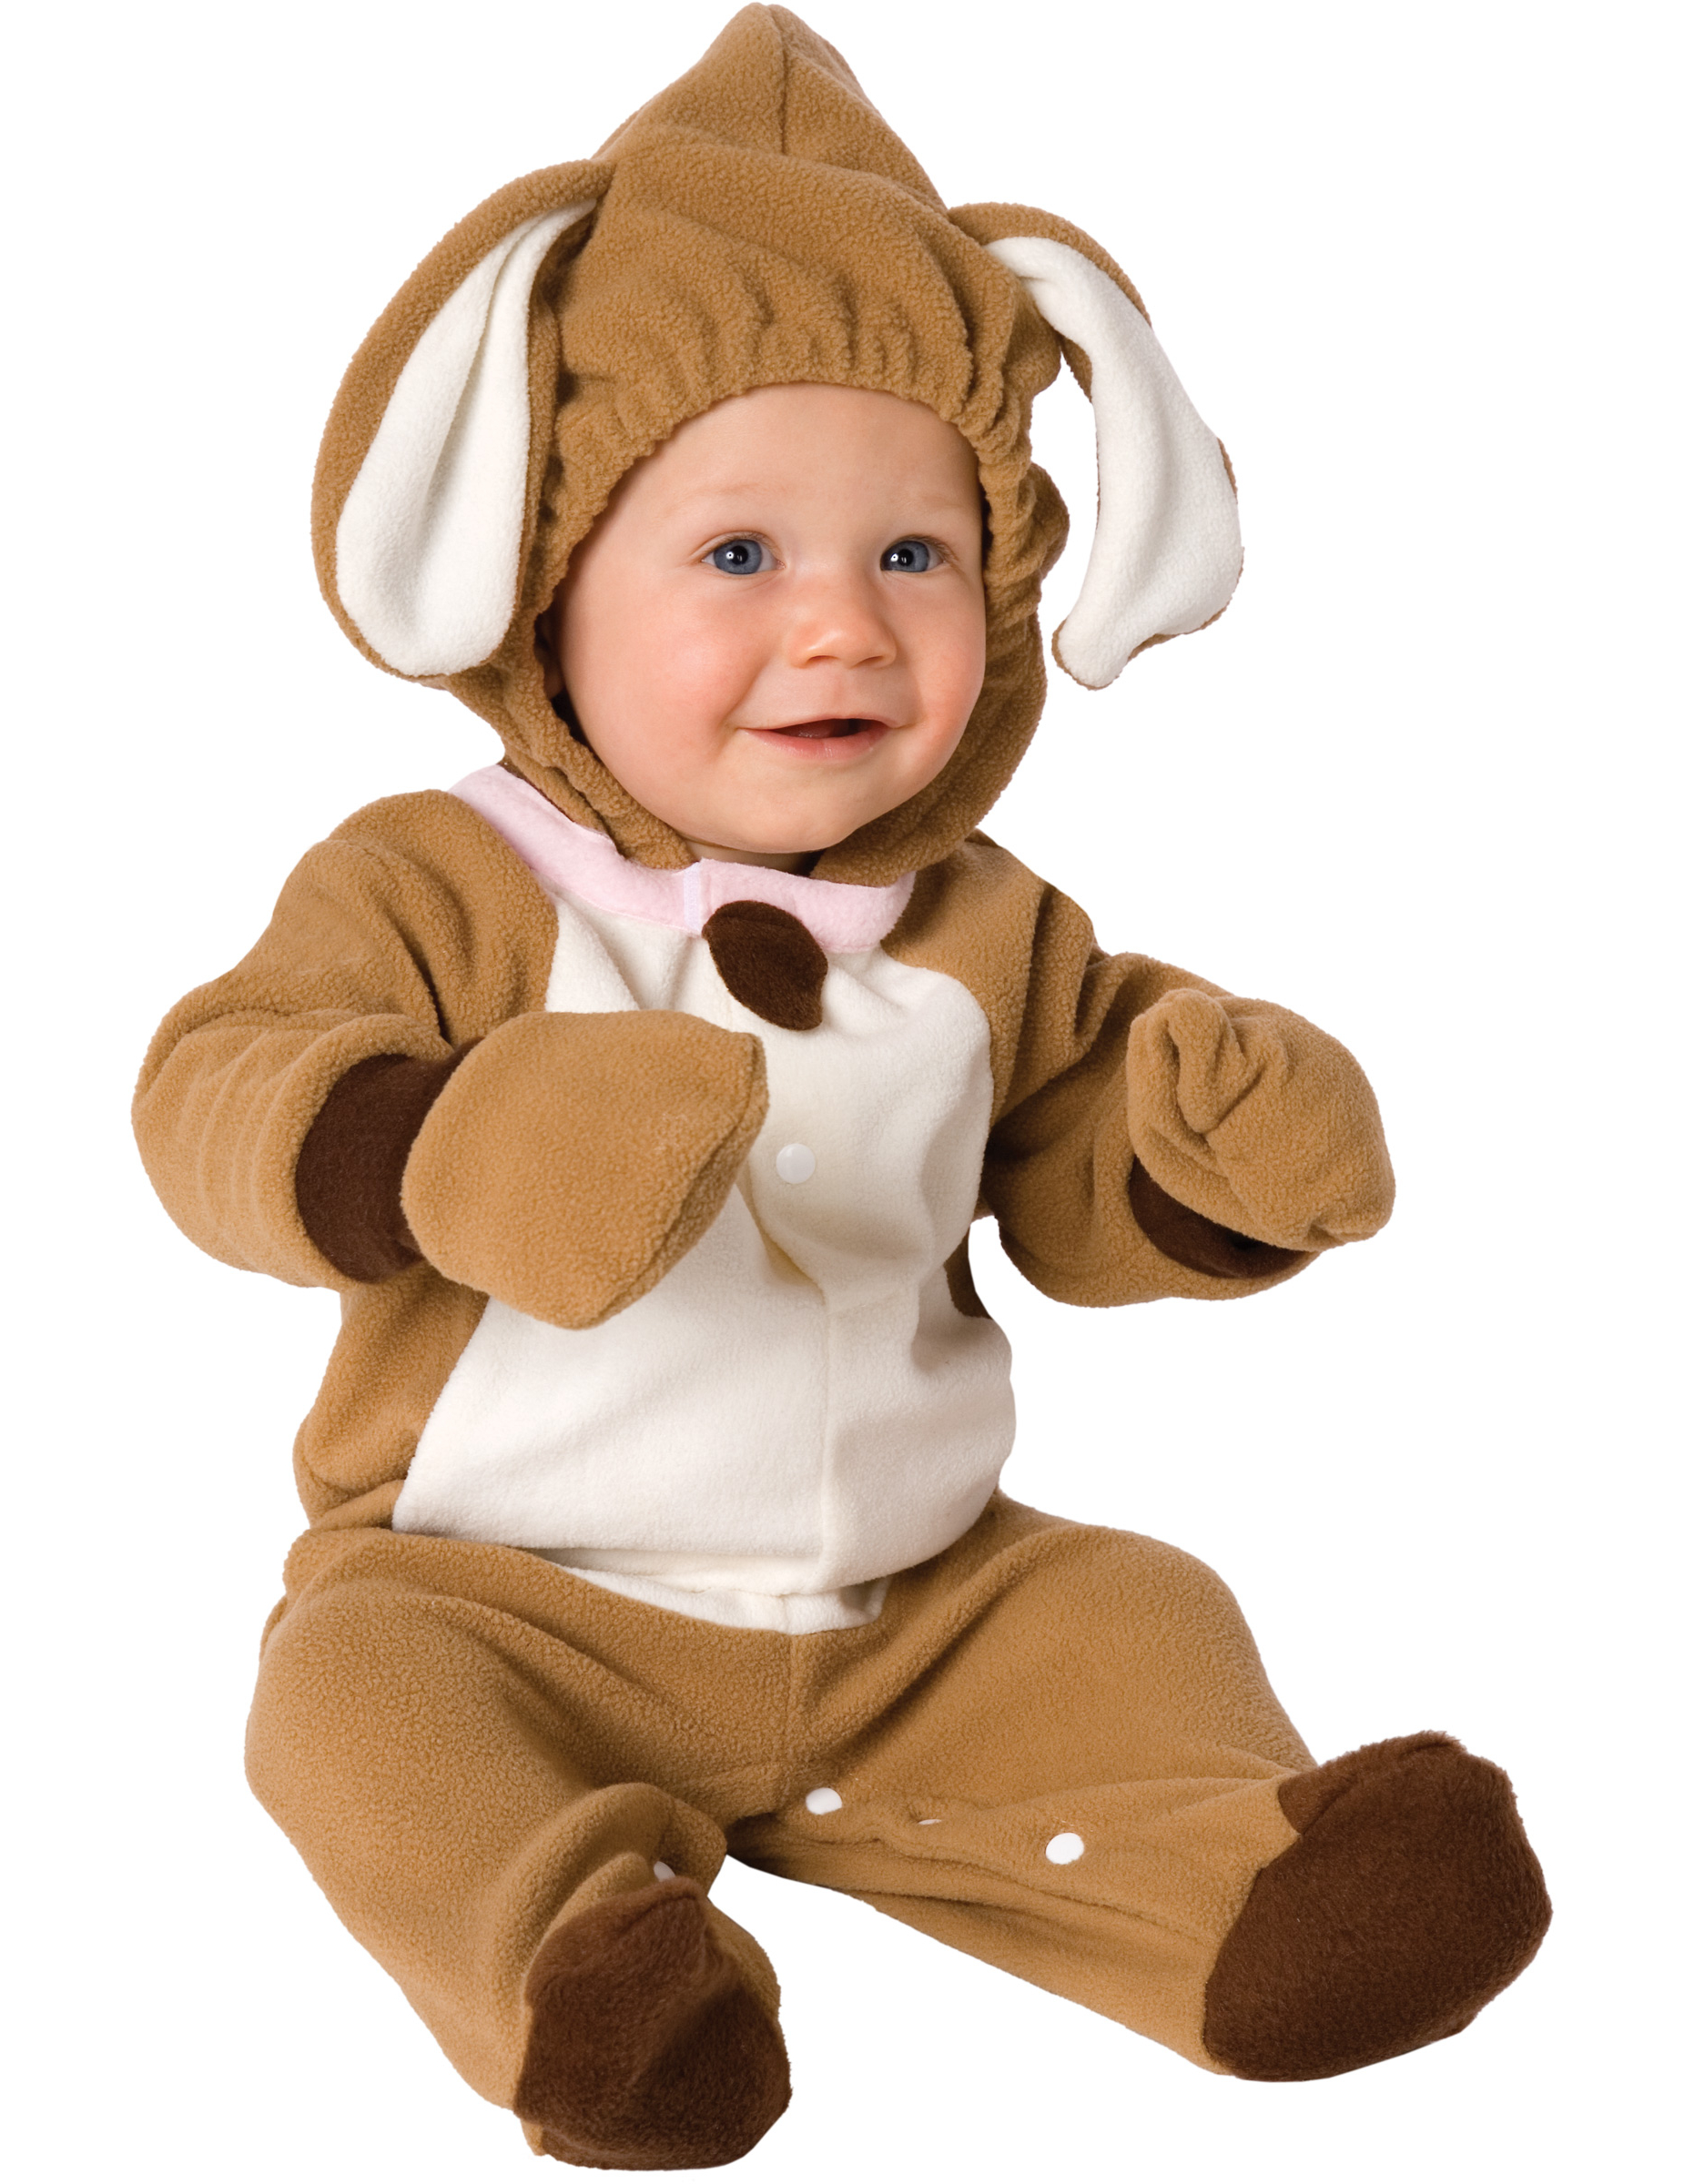 D guisement chien b b deguise toi achat de d guisements enfants - Image bebe chien ...